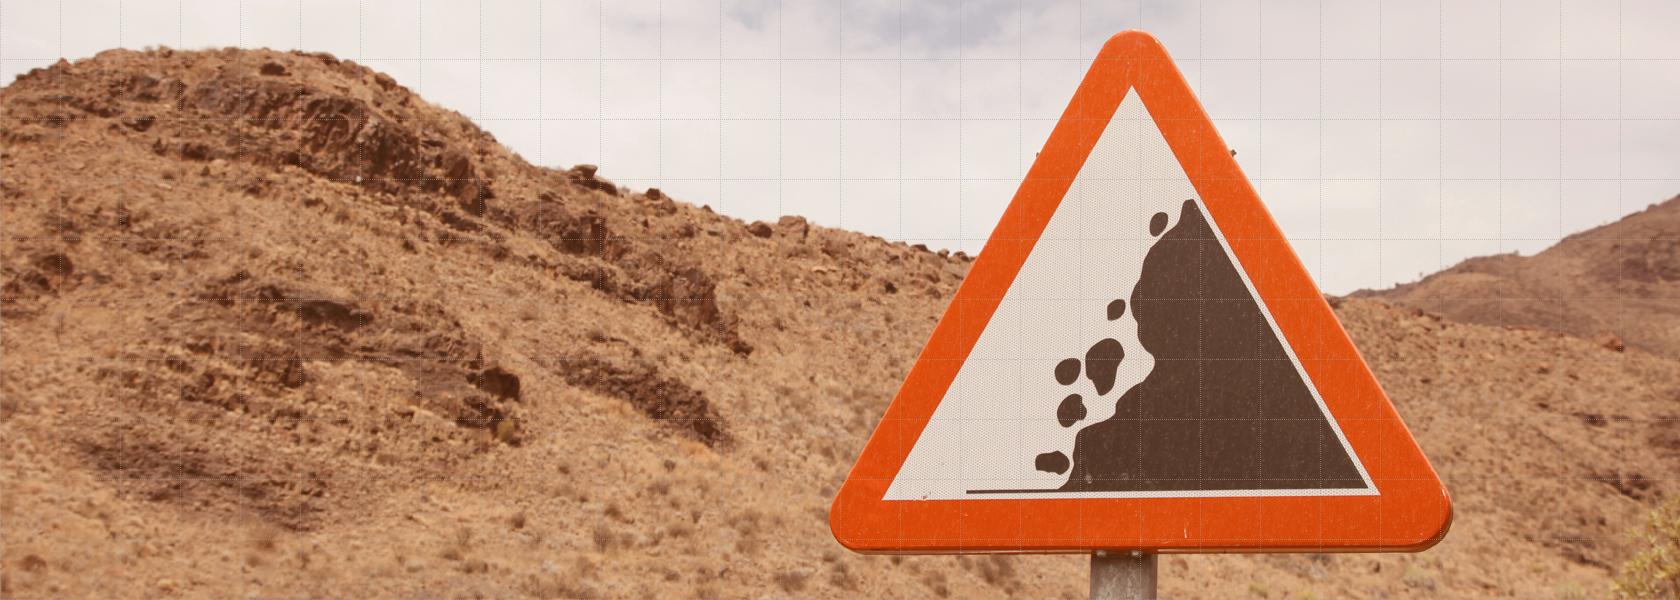 Sliderbild Startseite Monitoring System - Warnschild Erdrutsch